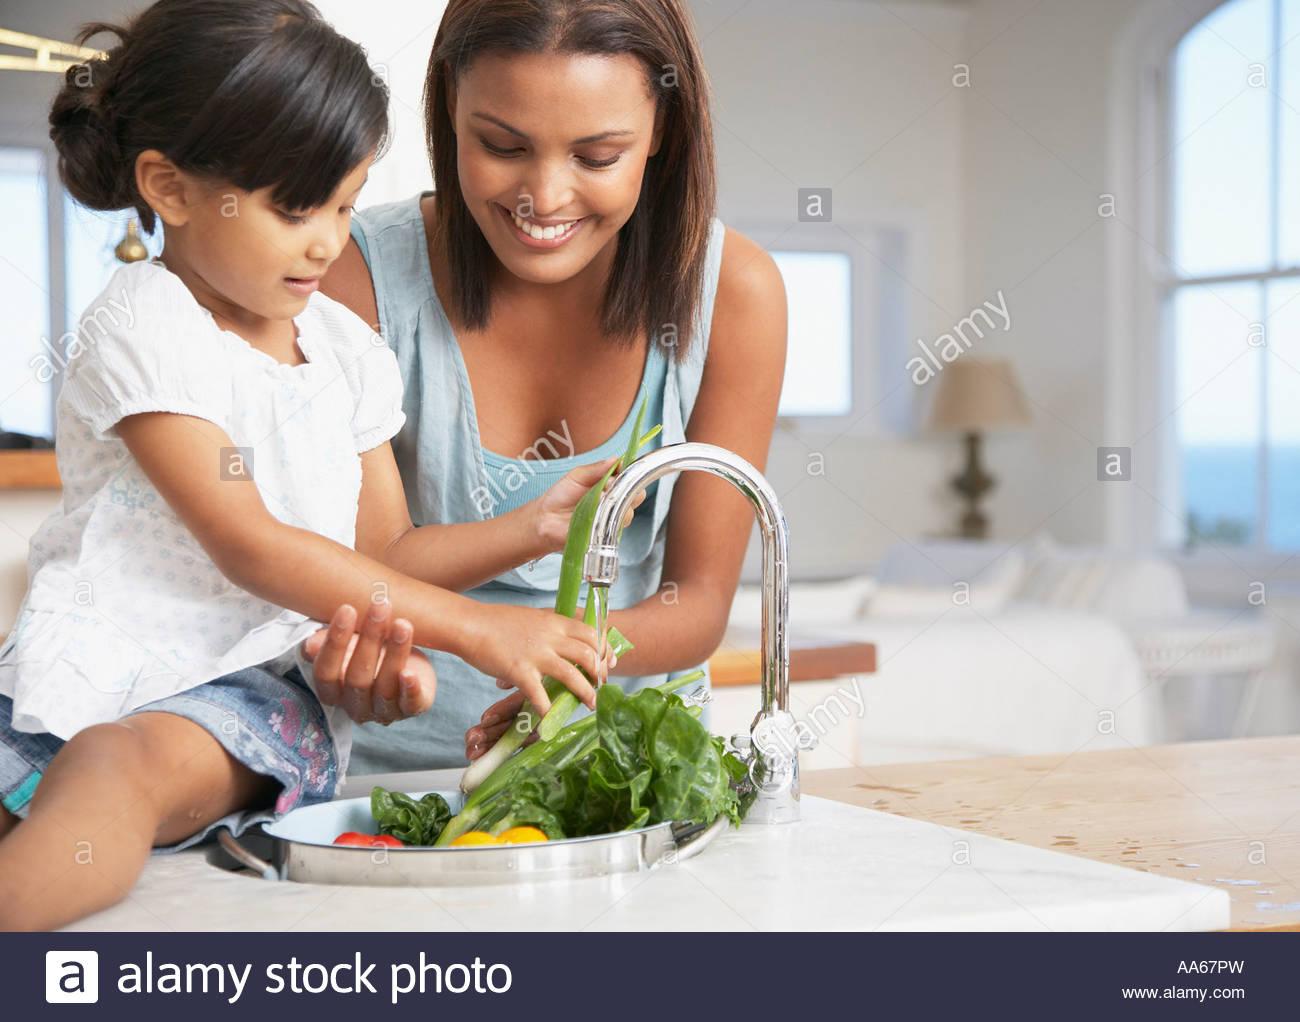 Mère et fille de préparer un repas dans la cuisine Photo Stock